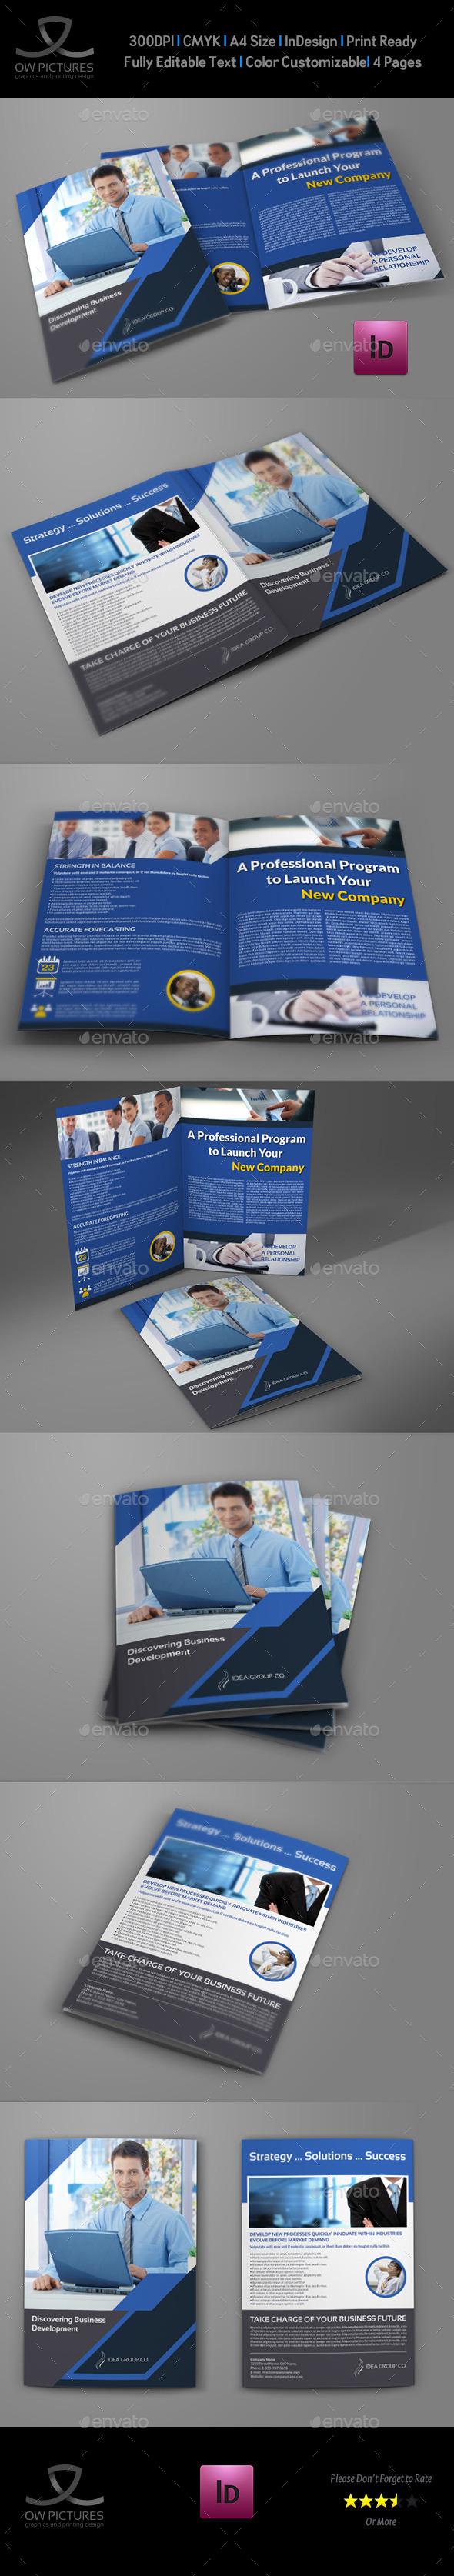 Company Brochure Bi-Fold Template Vol.39 - Brochures Print Templates